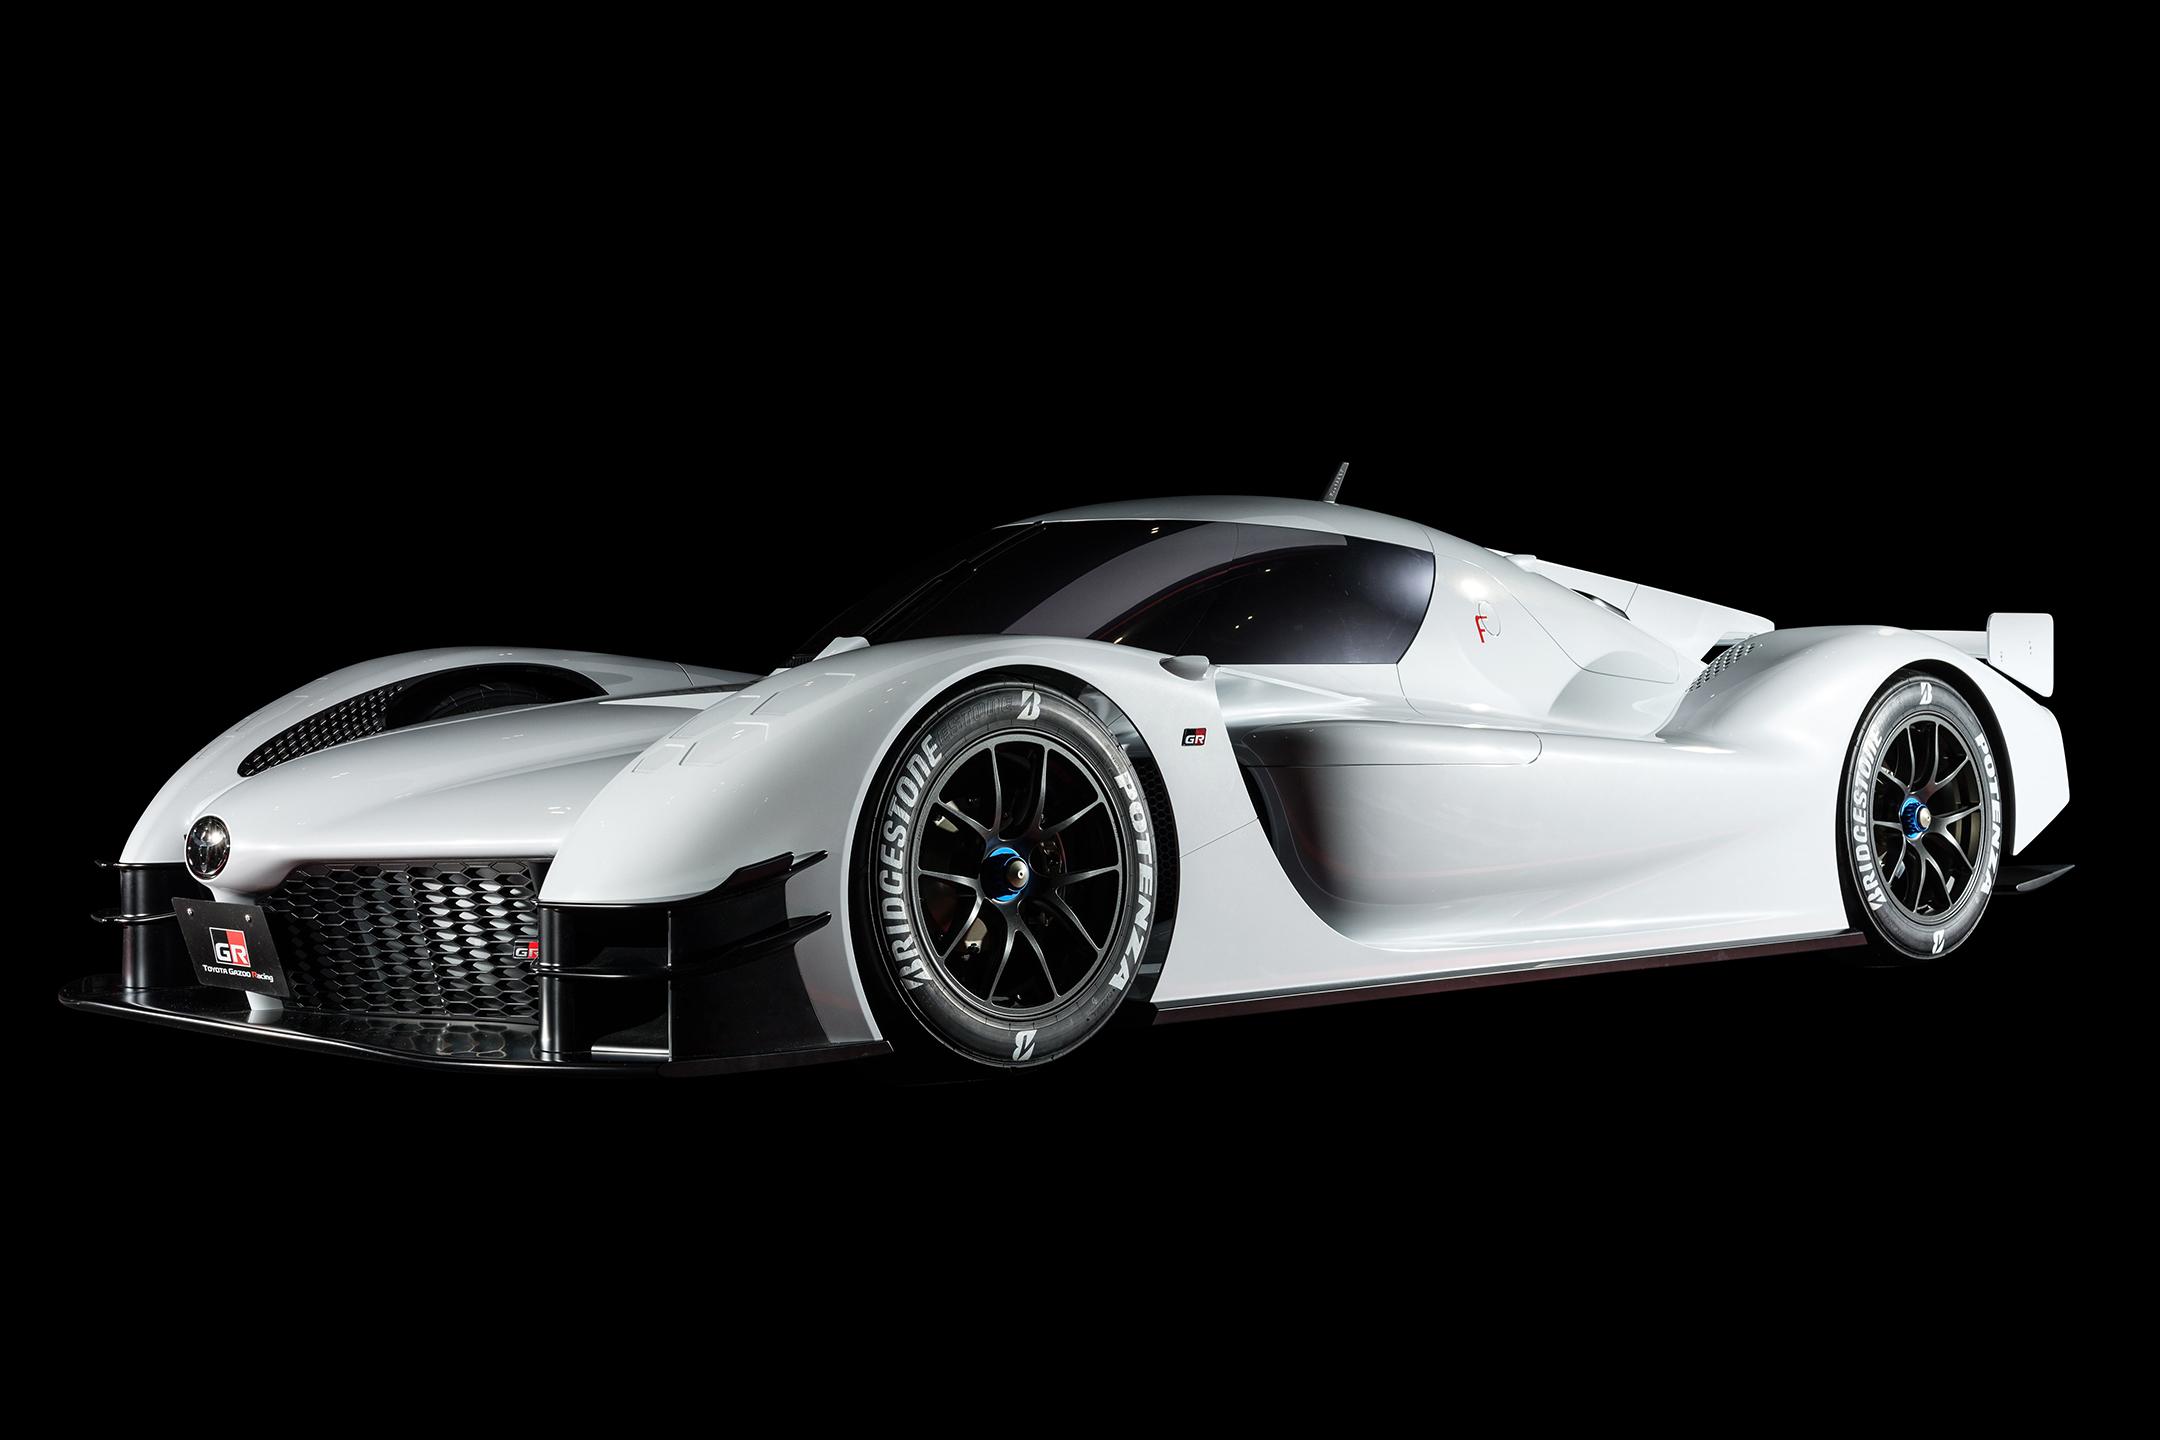 Toyota GR Super Sport Concept - 2018 - front side-face / profil avant